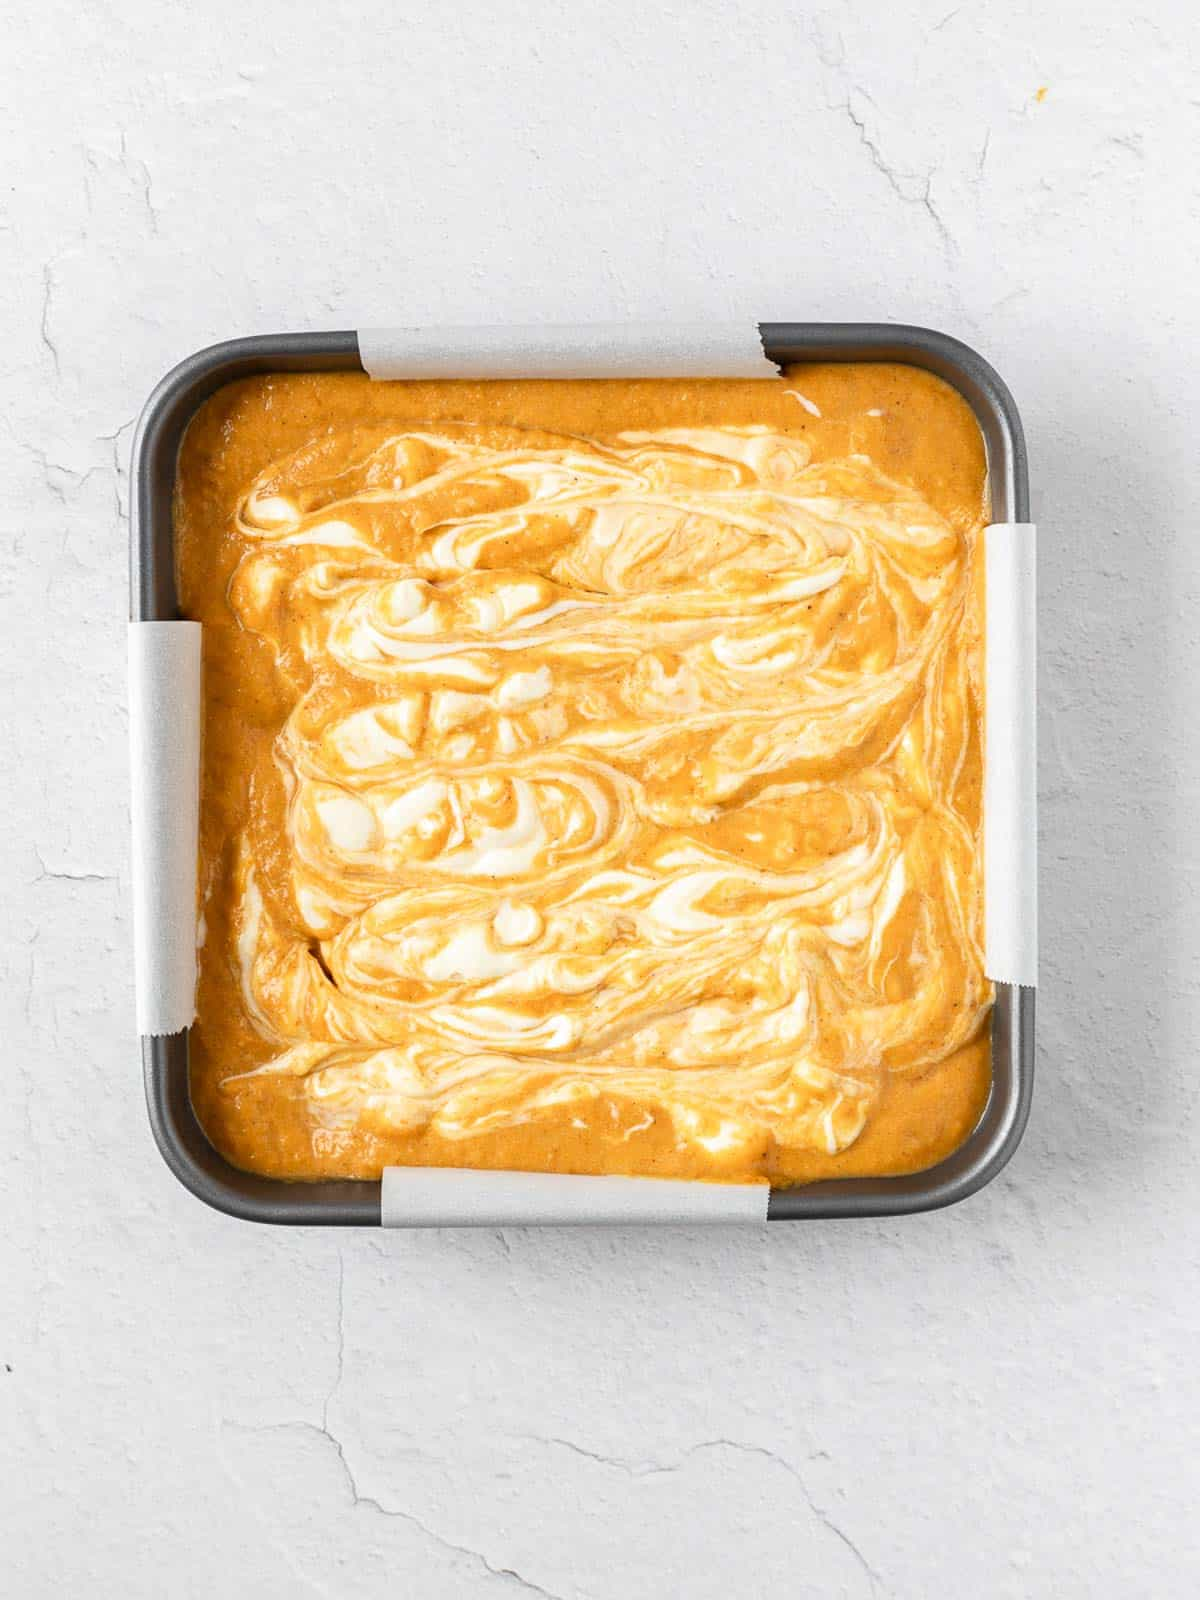 Cheesecake Swirled Pumpkin in a pan before baking